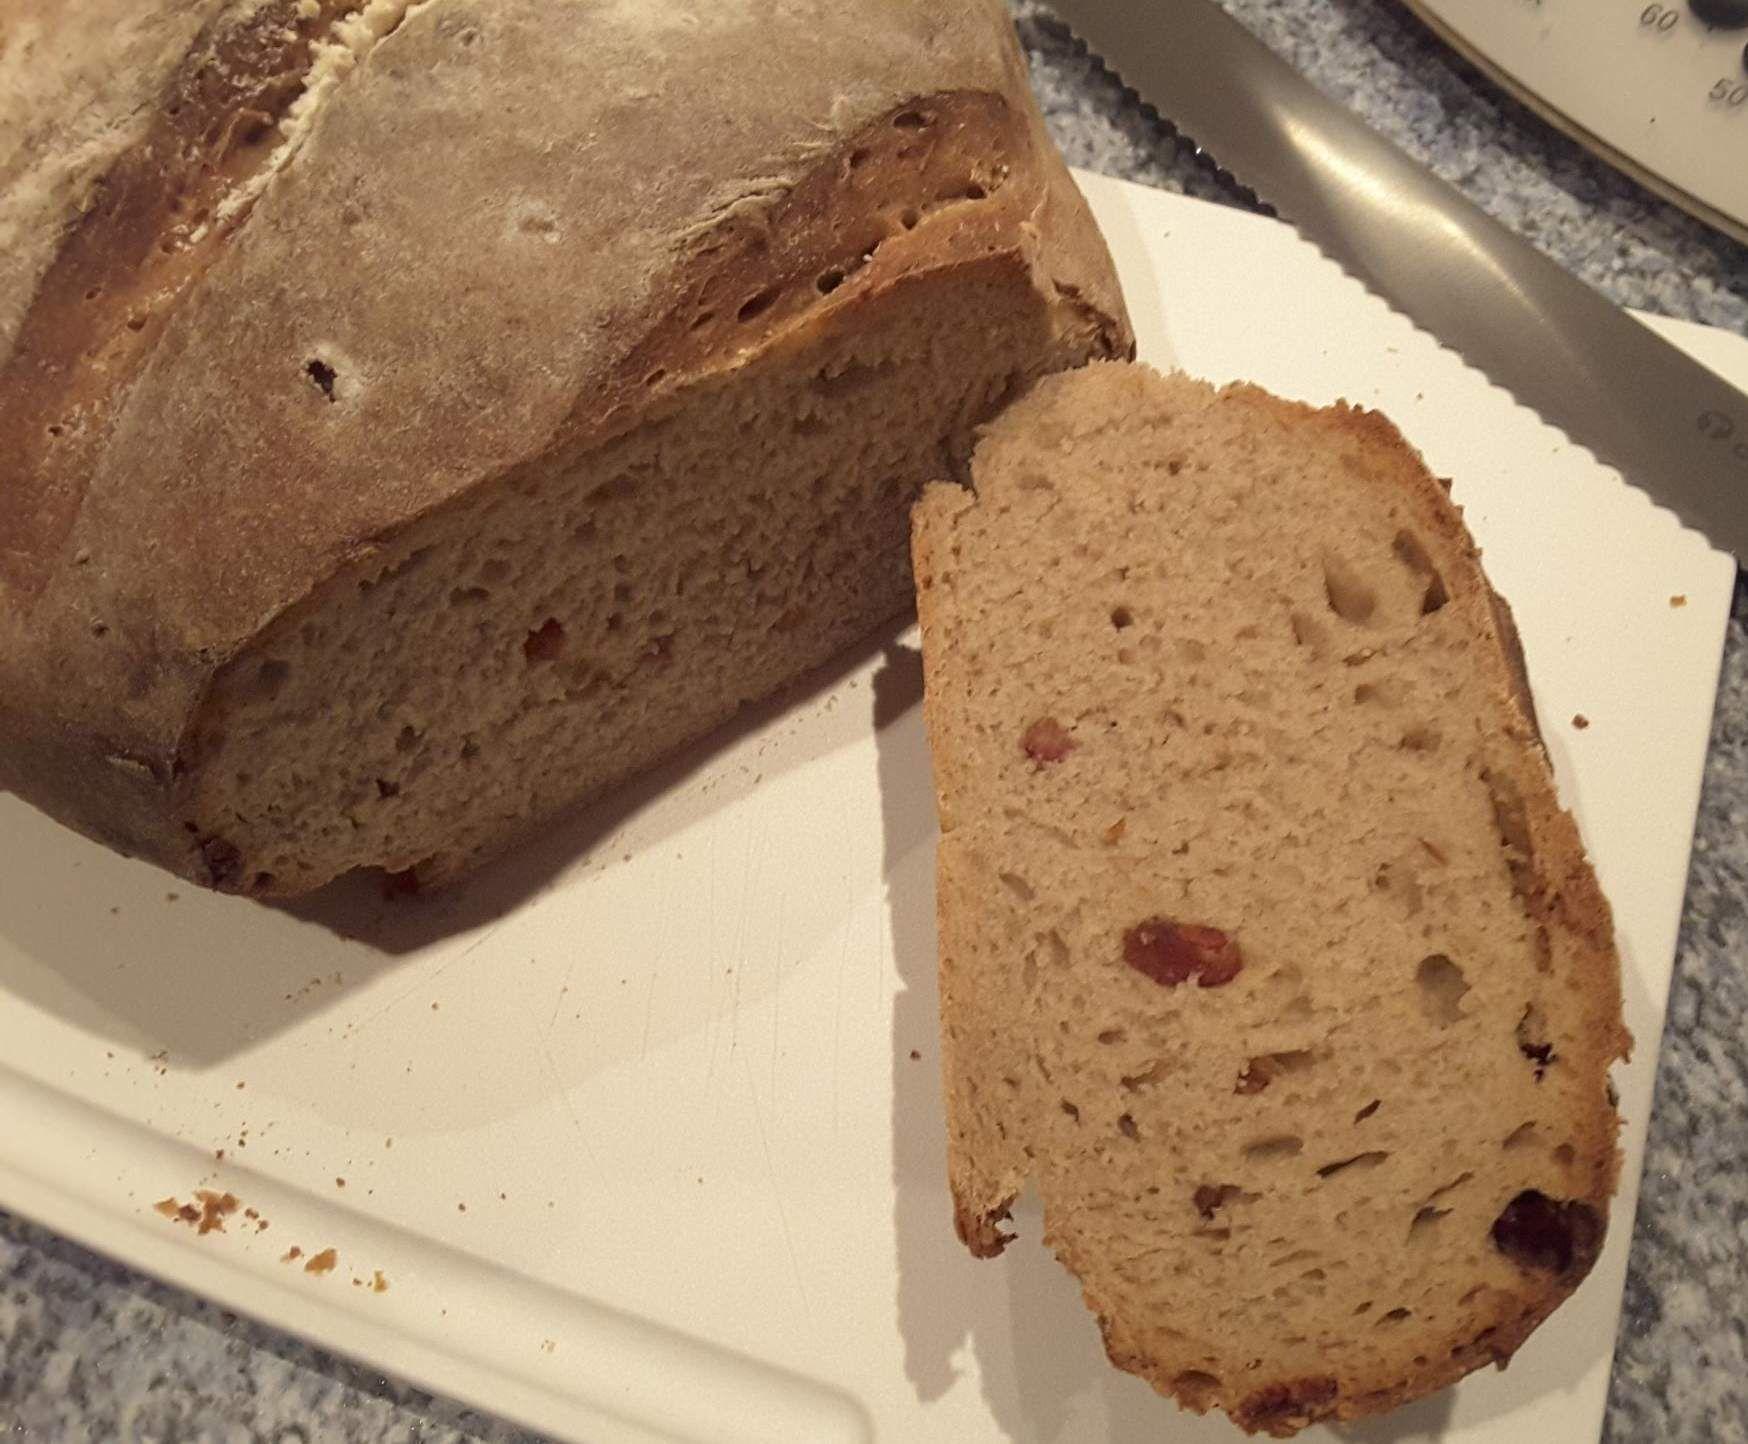 Rezept Herzhaftes Roggen-Weizenbrot mit Zwiebeln und Speck vom onlineversand-hobbykoch von la lunica strega - Rezept der Kategorie Brot & Brötchen